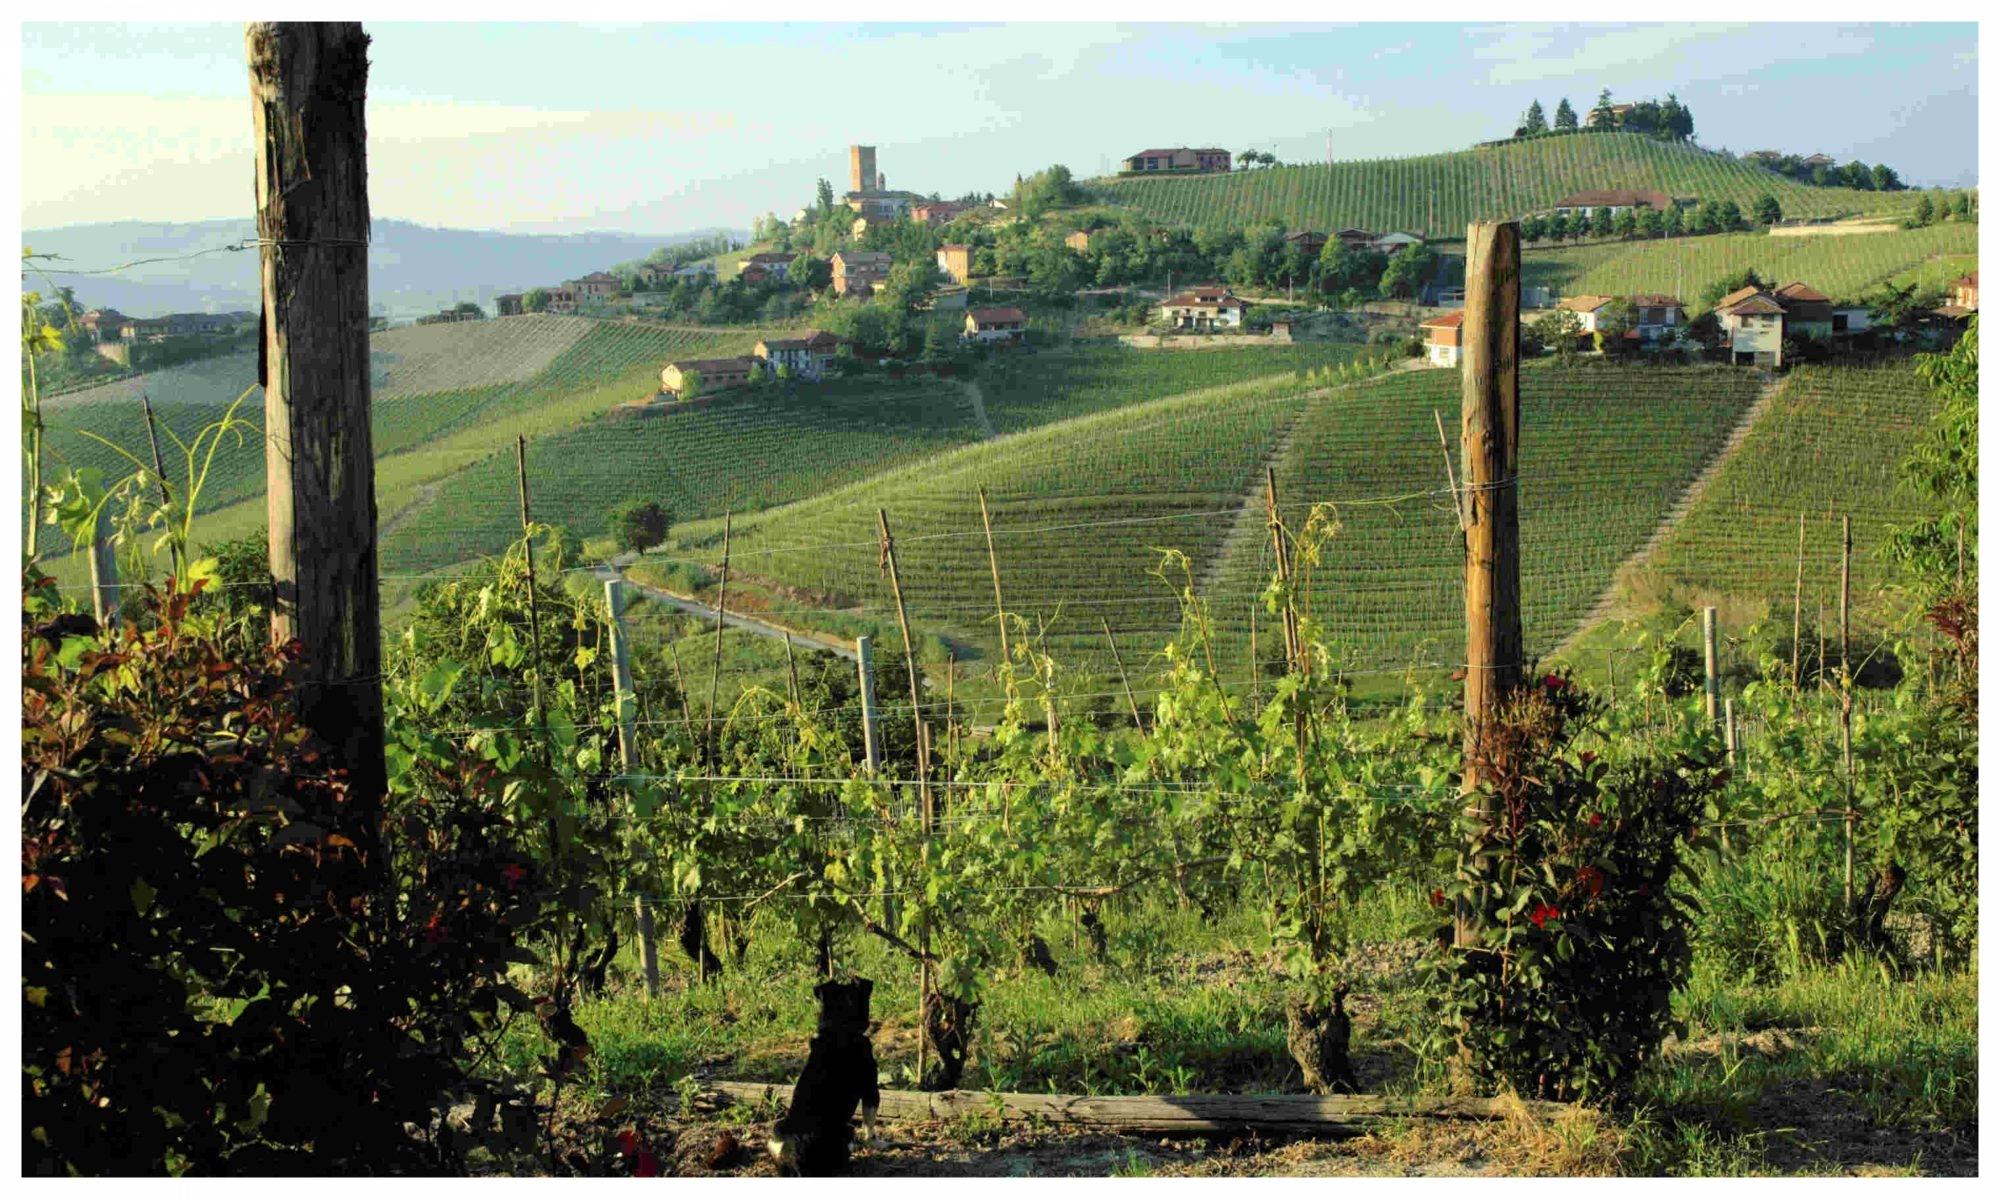 cropped-anche_il_piccolo_cane_ammira_le_vigne_e_il_paese_di_Barbaresco_sullo_sfondo_0131bis-1.jpg